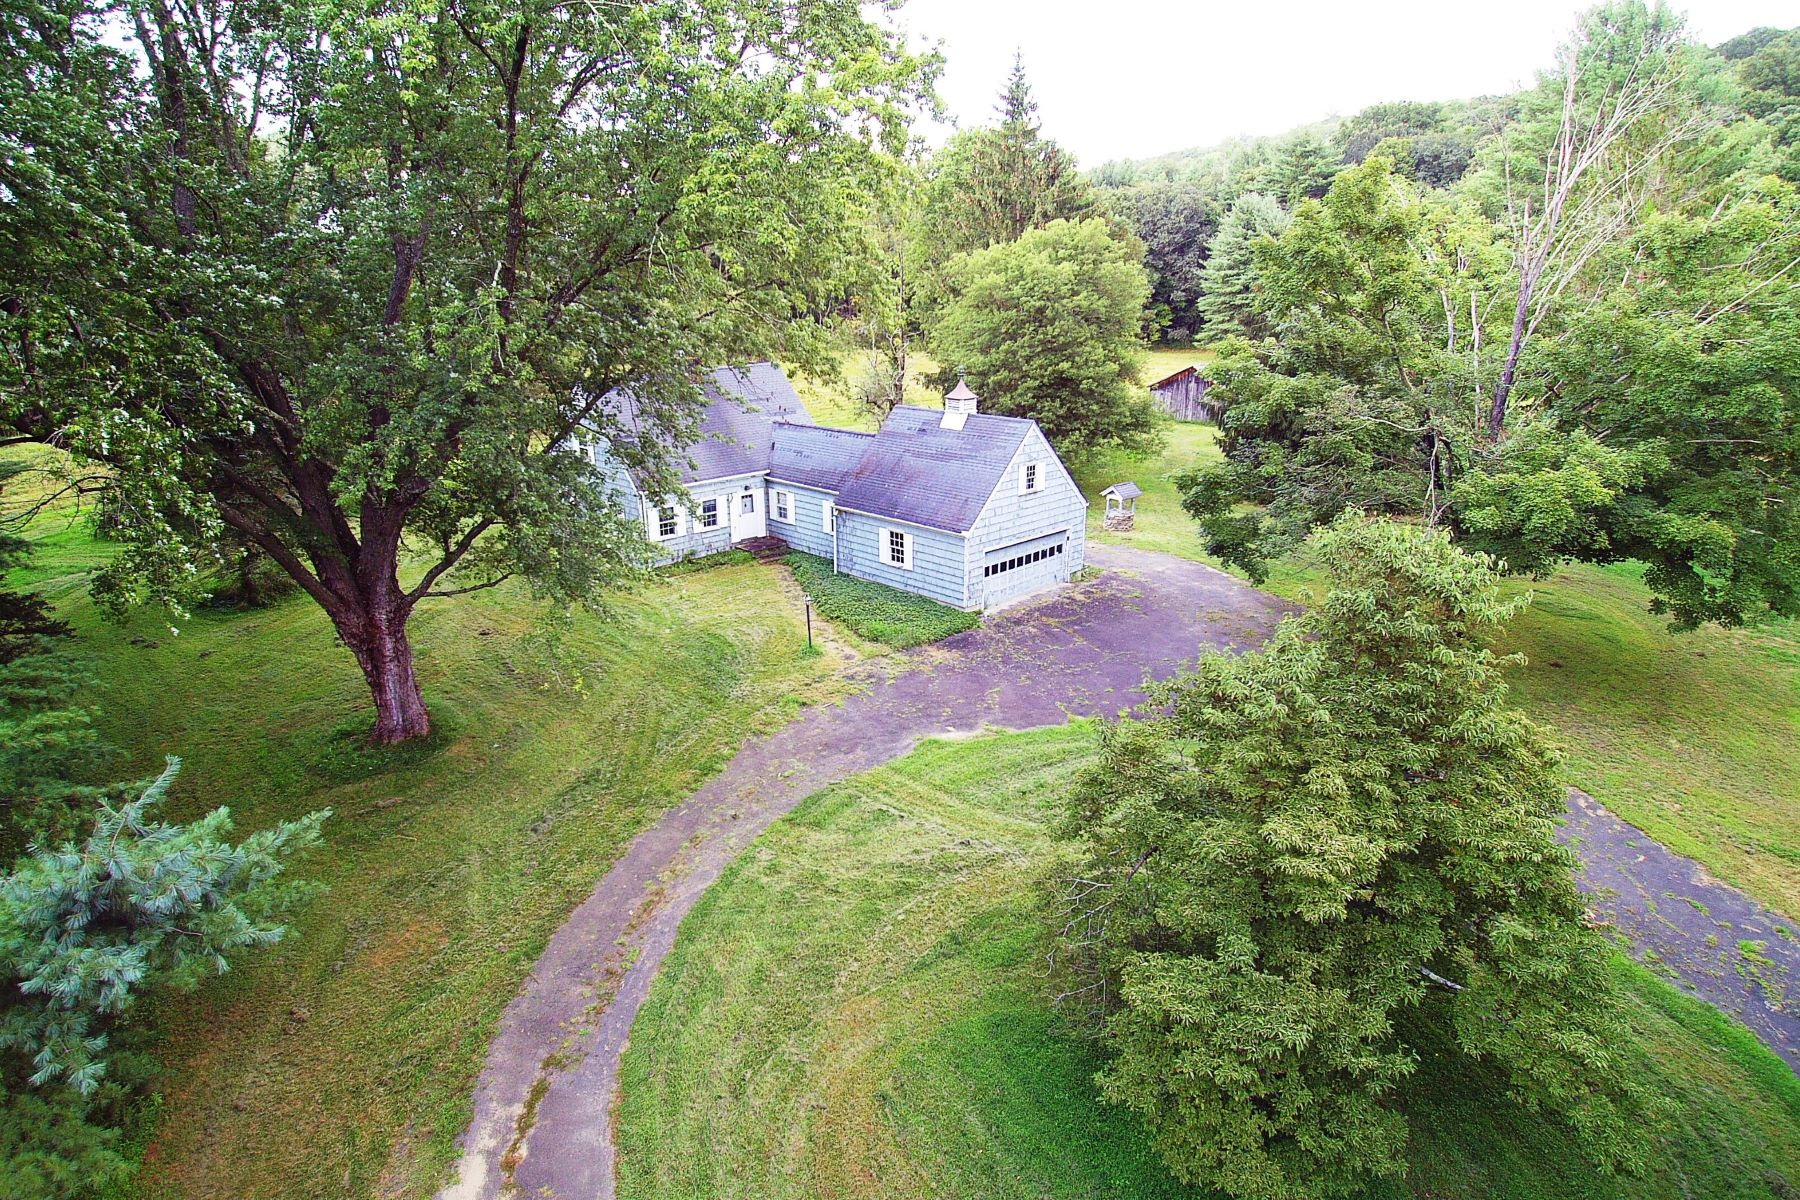 独户住宅 为 销售 在 Vintage 1957 Cape/Farmhouse 614 Redding Road 雷丁, 康涅狄格州 06896 美国